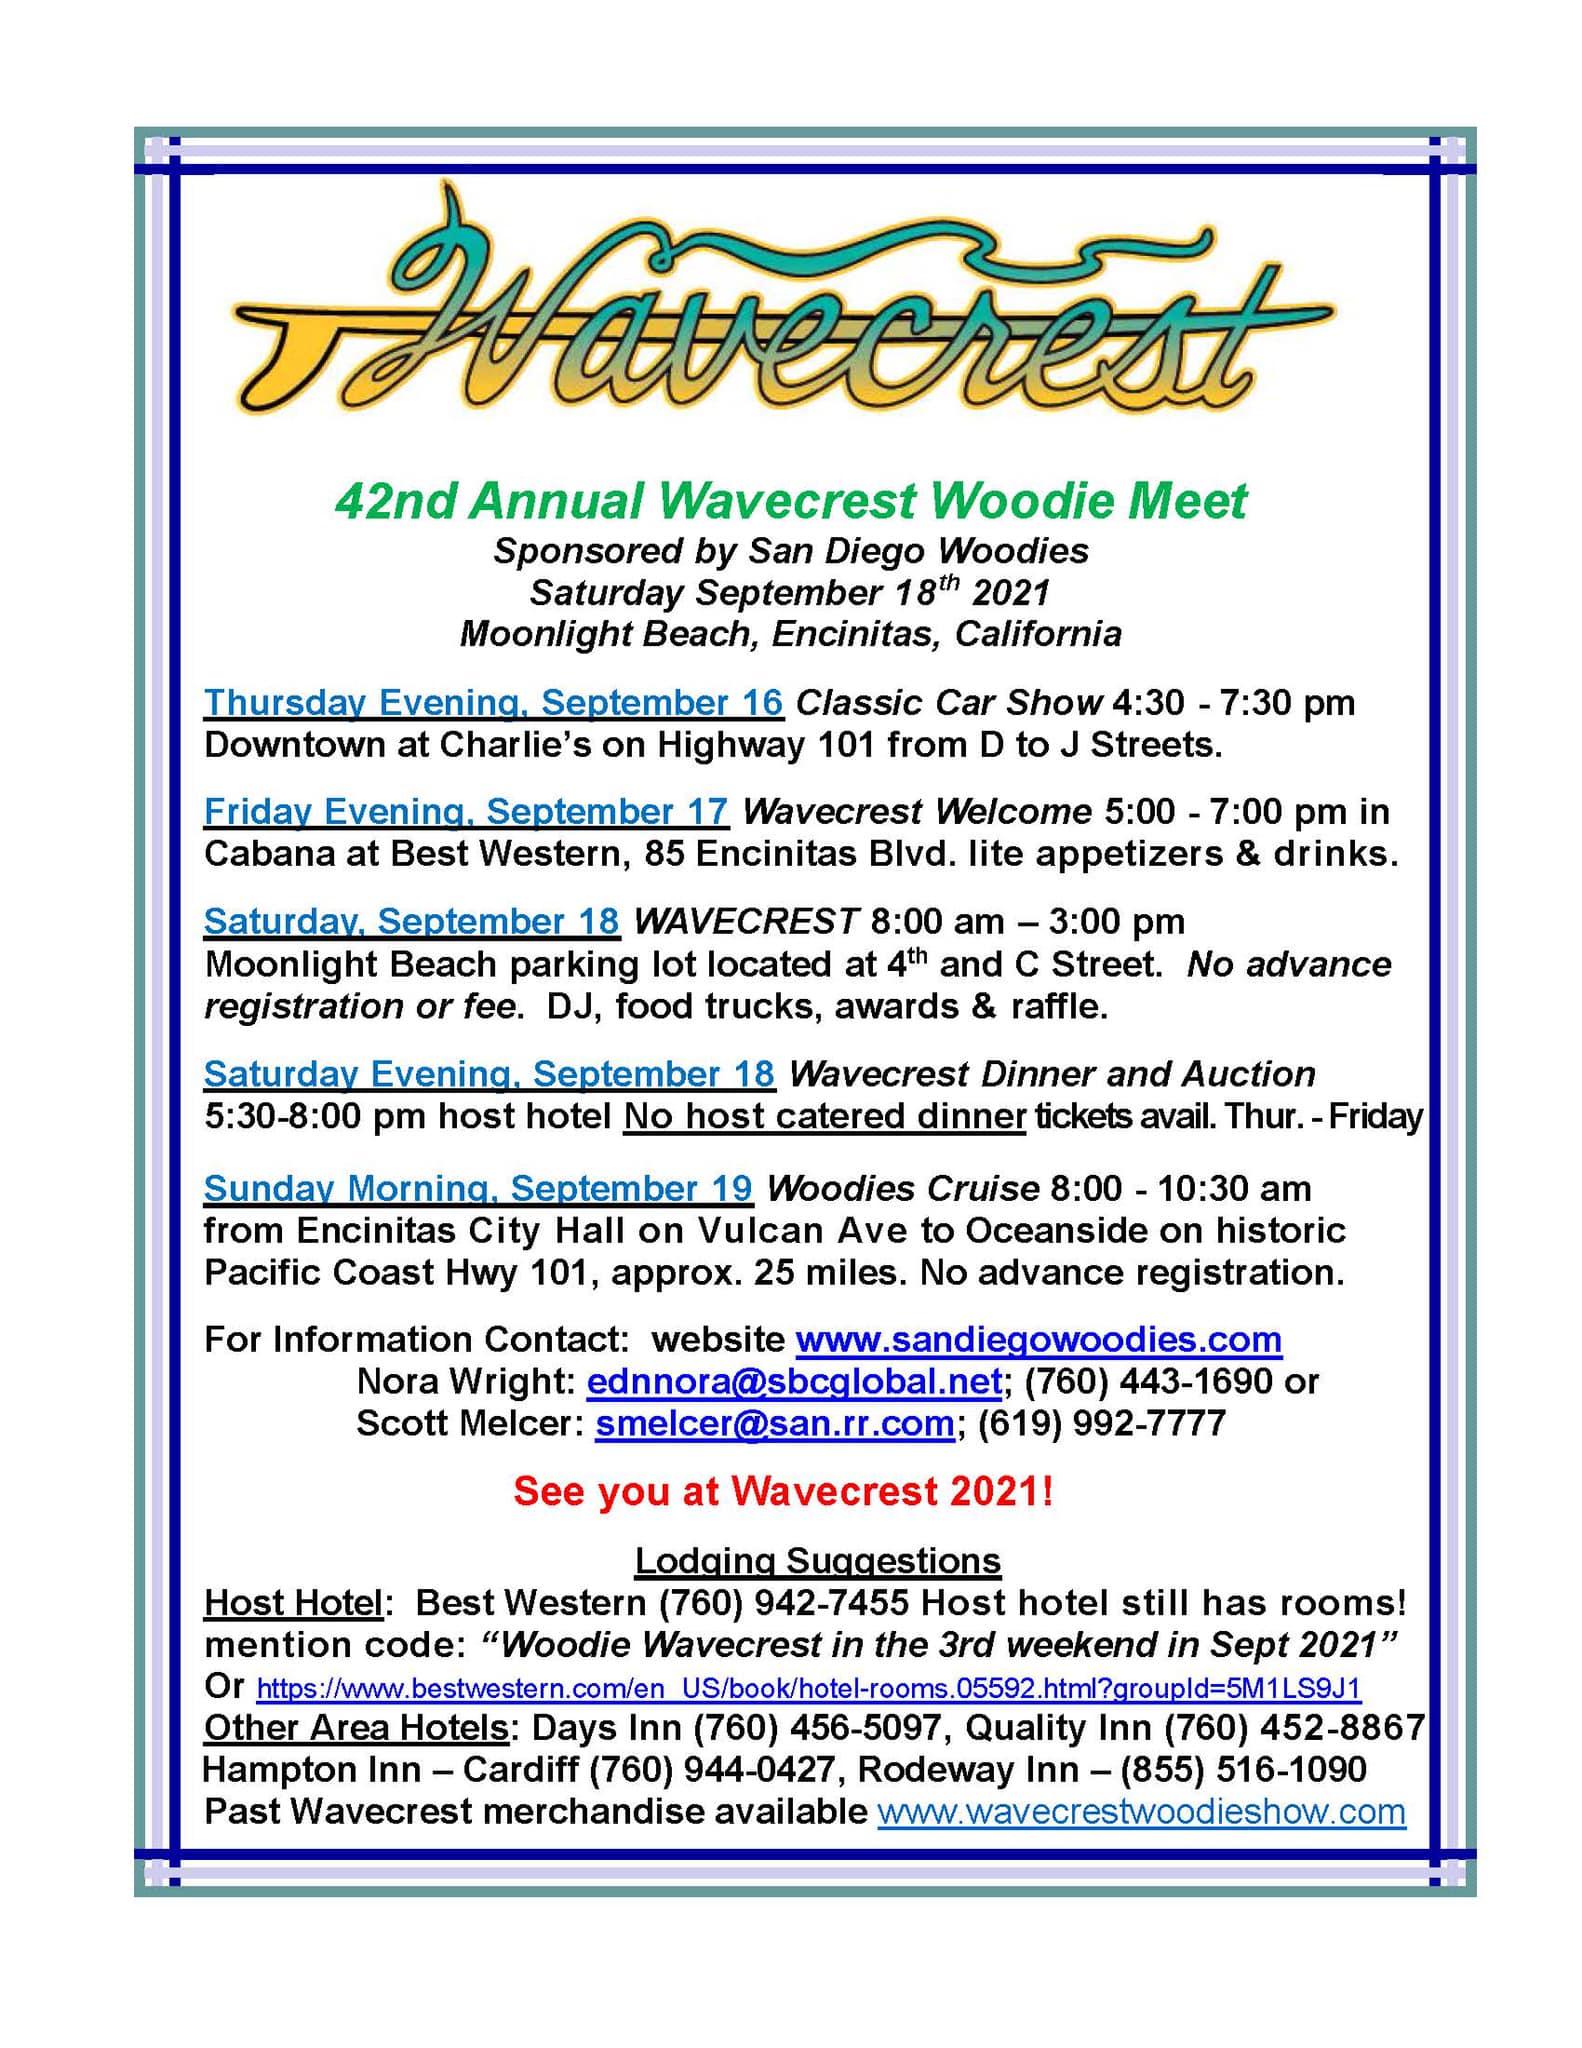 Wavecrest Woodie Meet